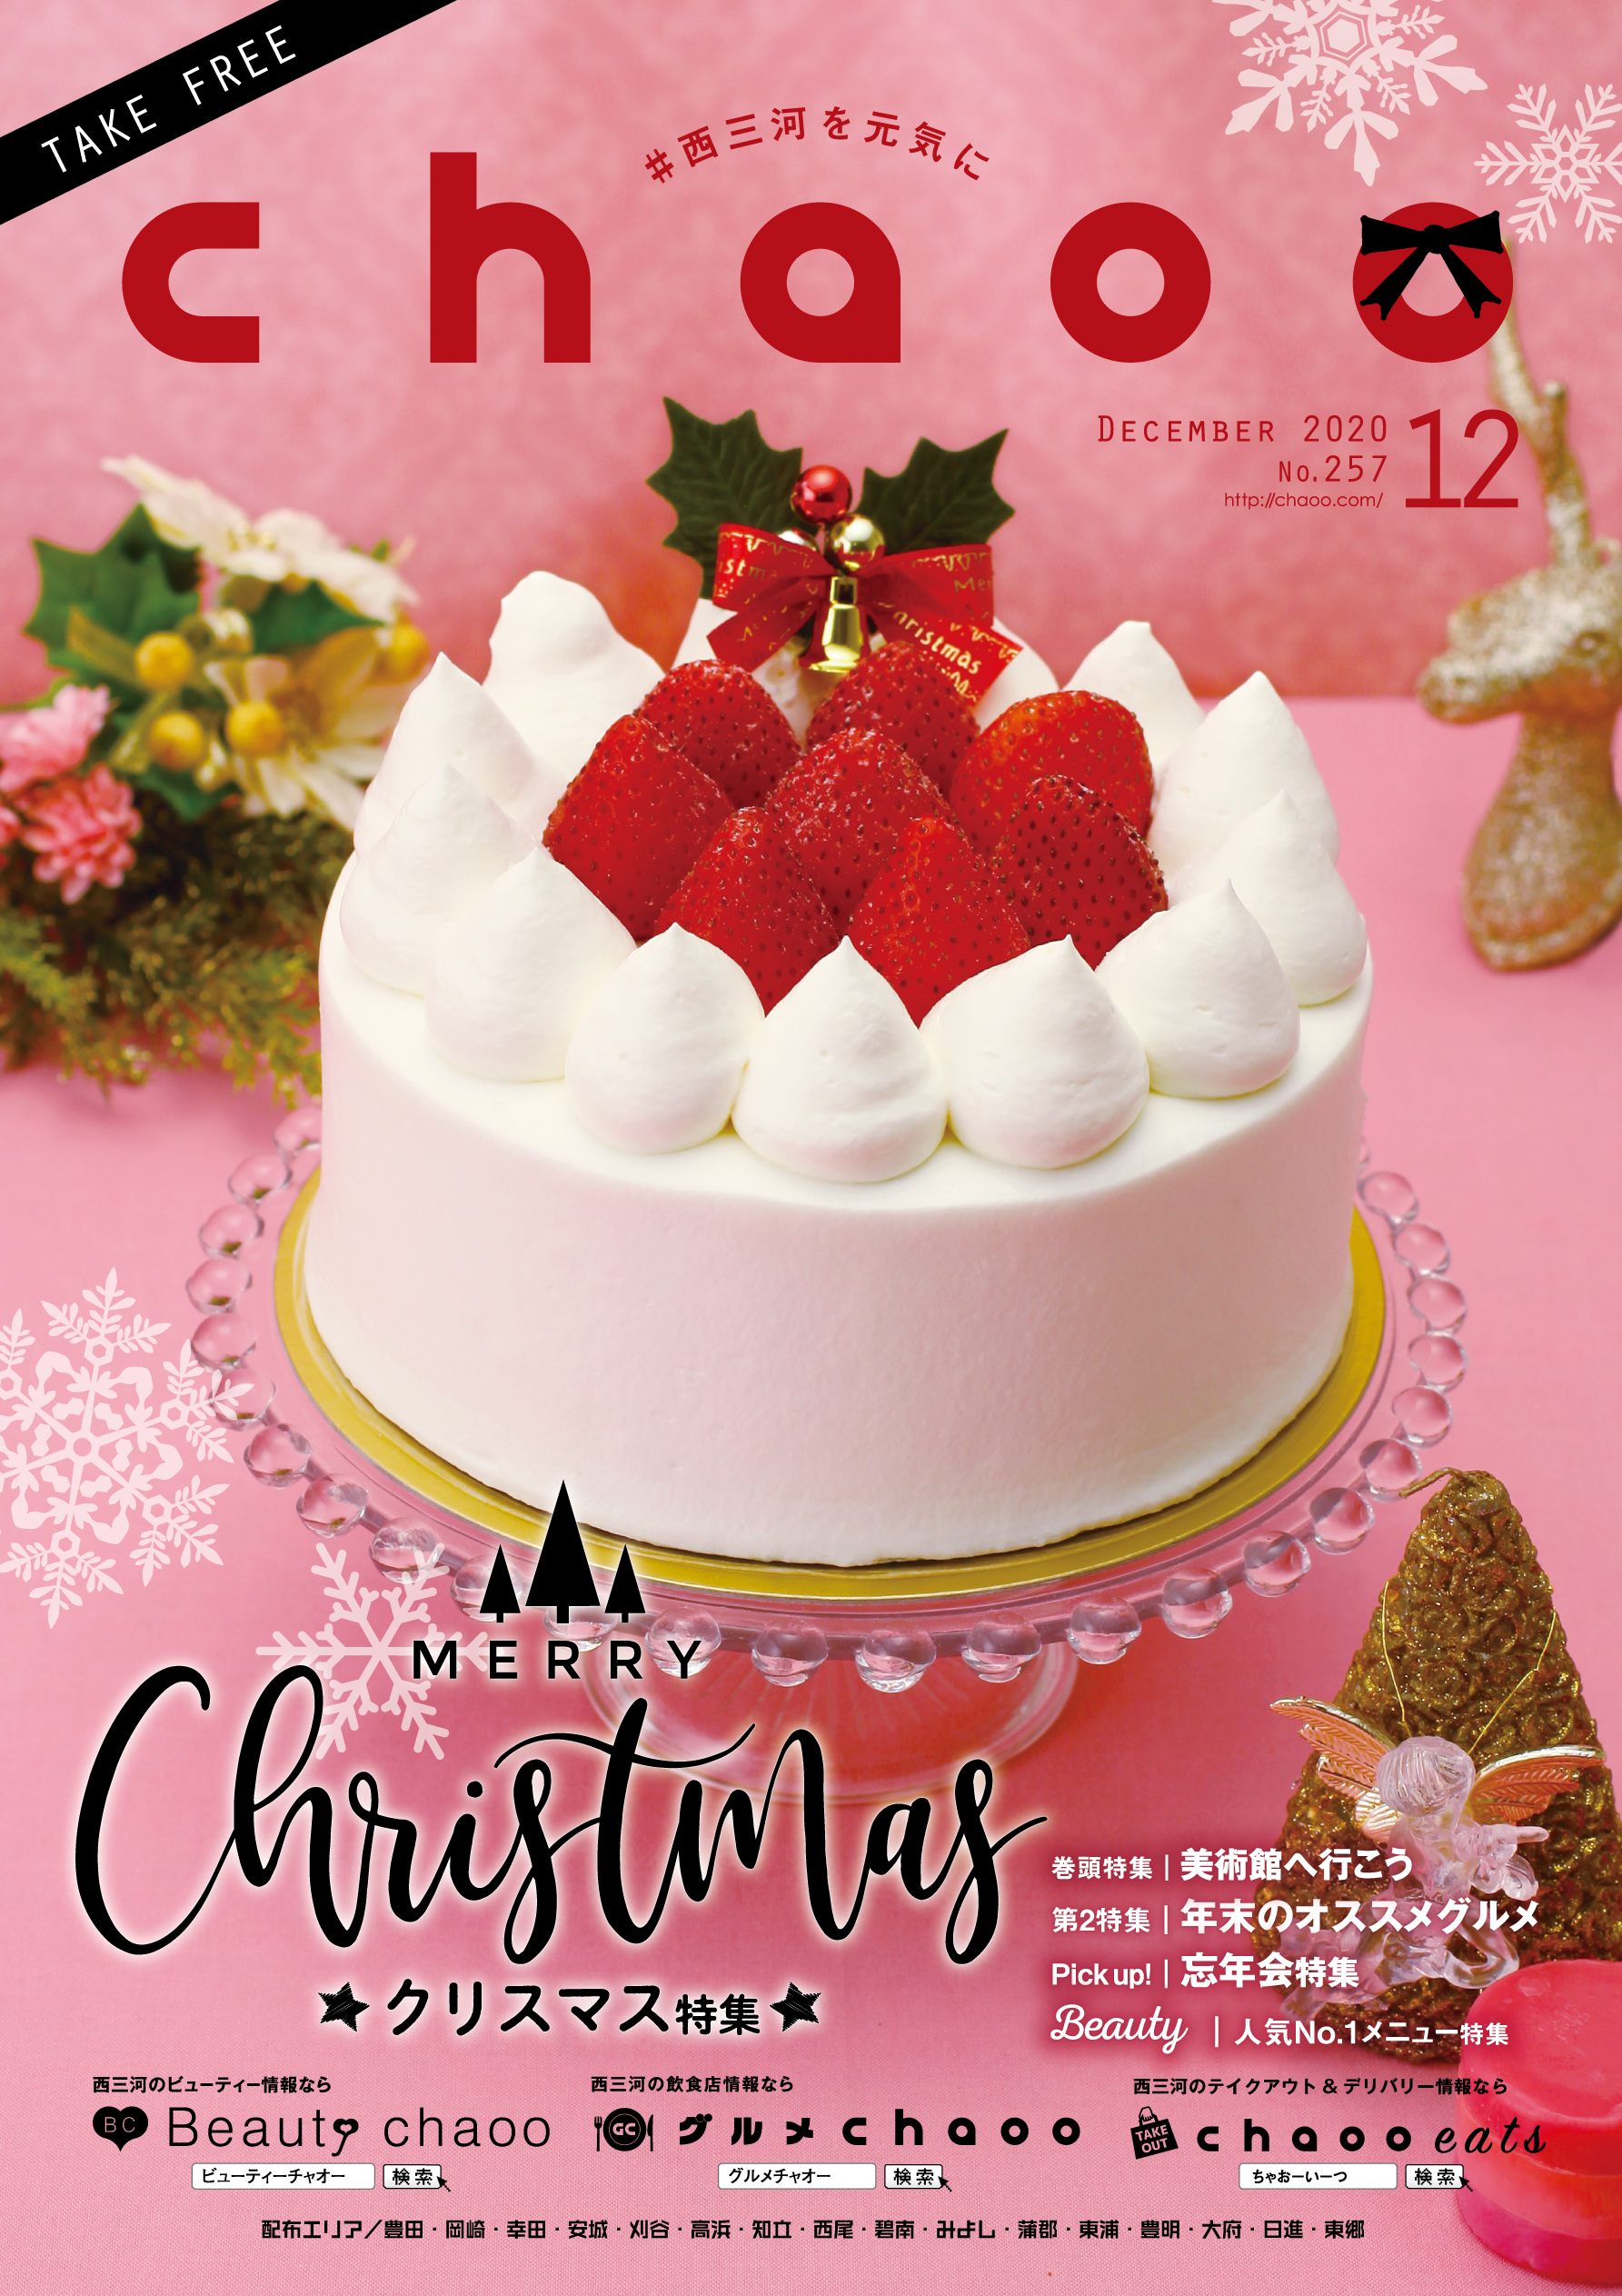 【NEW】情報誌chaoo12月号(11/15発刊)特集のご案内【テスト】